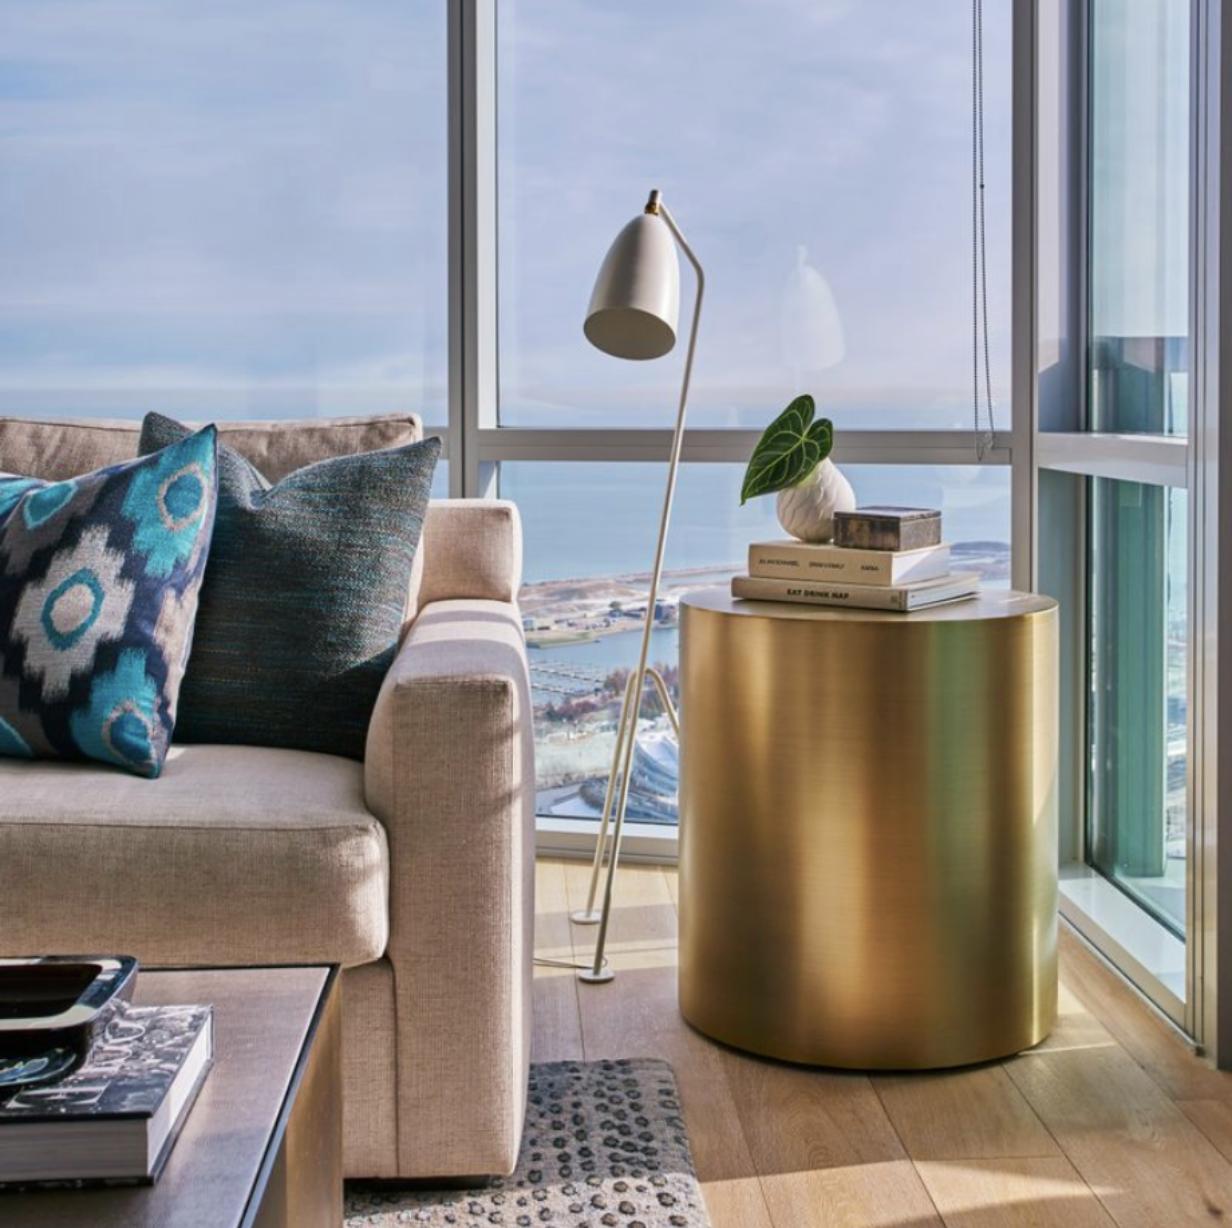 كيفية اختيار ارضيات المنزل في الديكور الداخلي Interior Design Usa Unique Floor Lamps Interior Design Inspiration